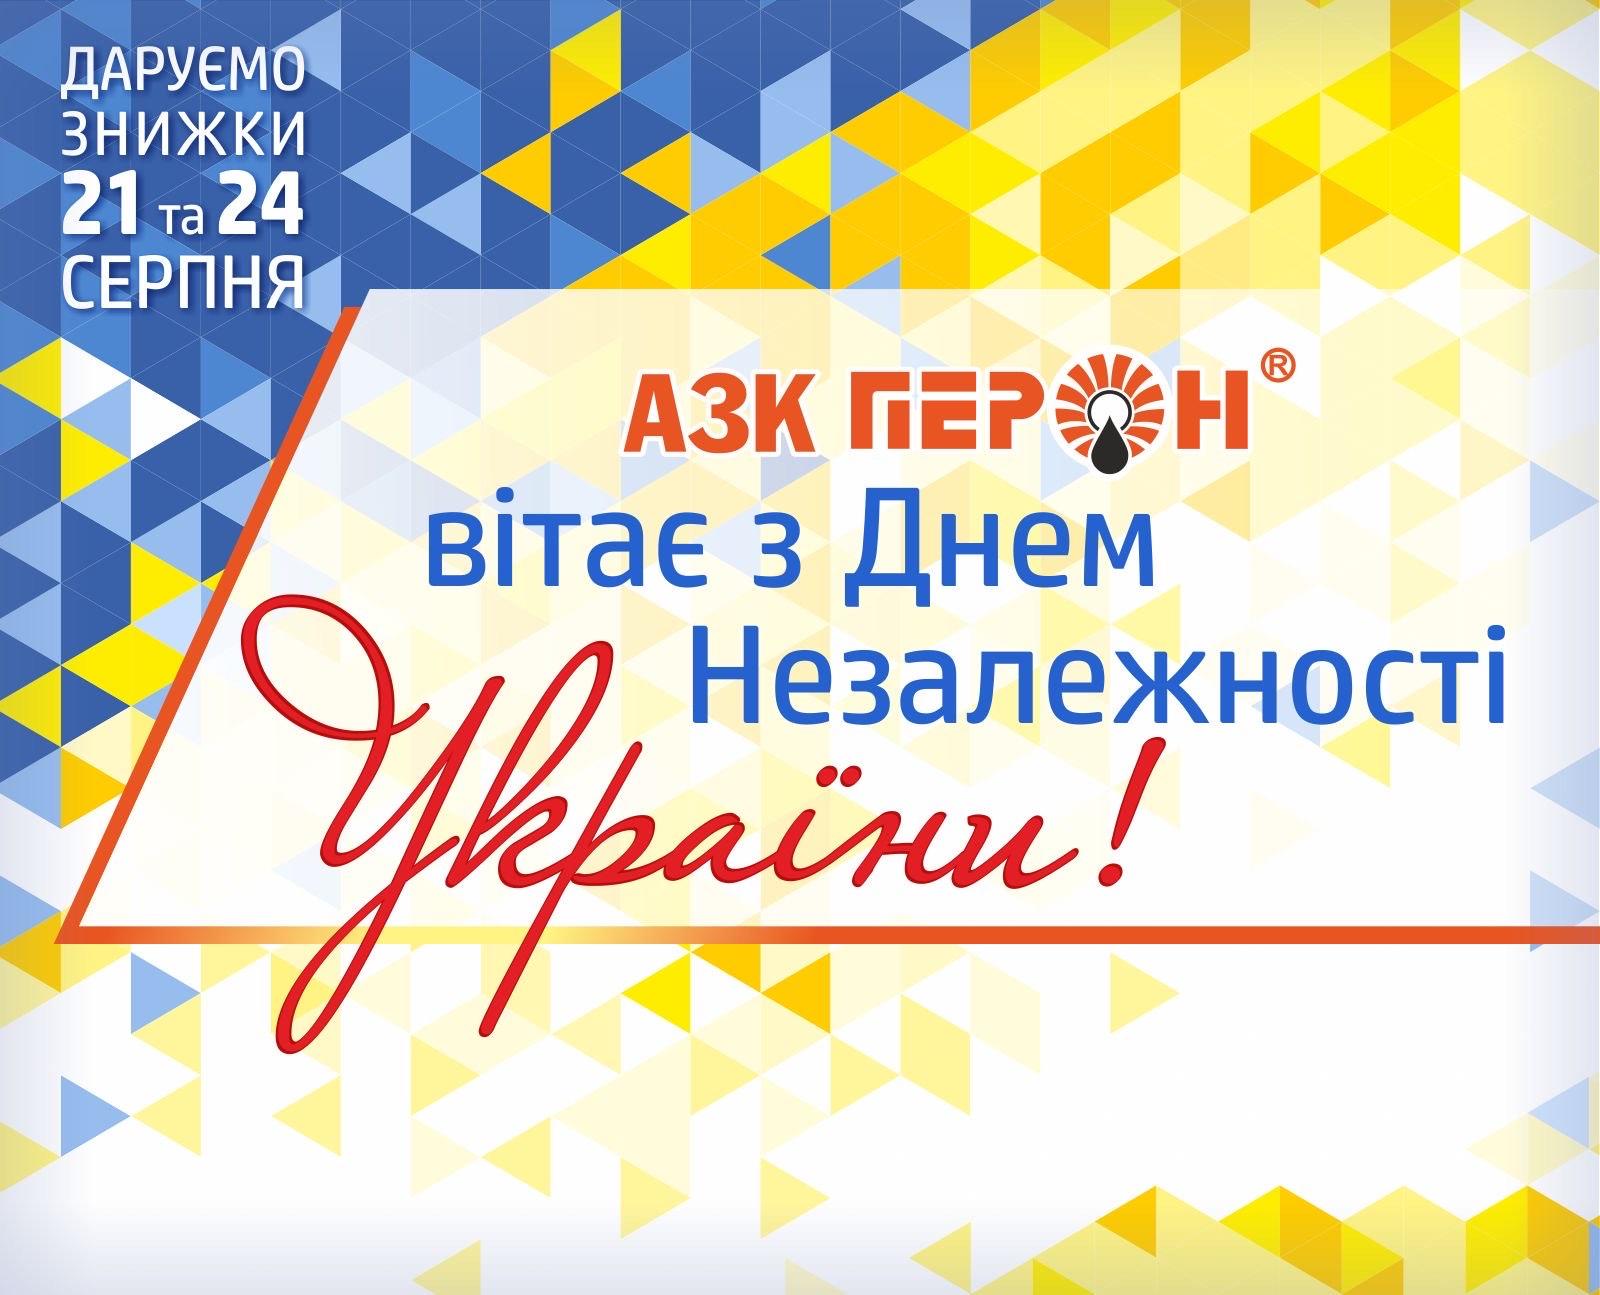 До Дня Незалежностi 21 та 24 серпня АЗК «ПЕРОН»  вітає та радує знижками!